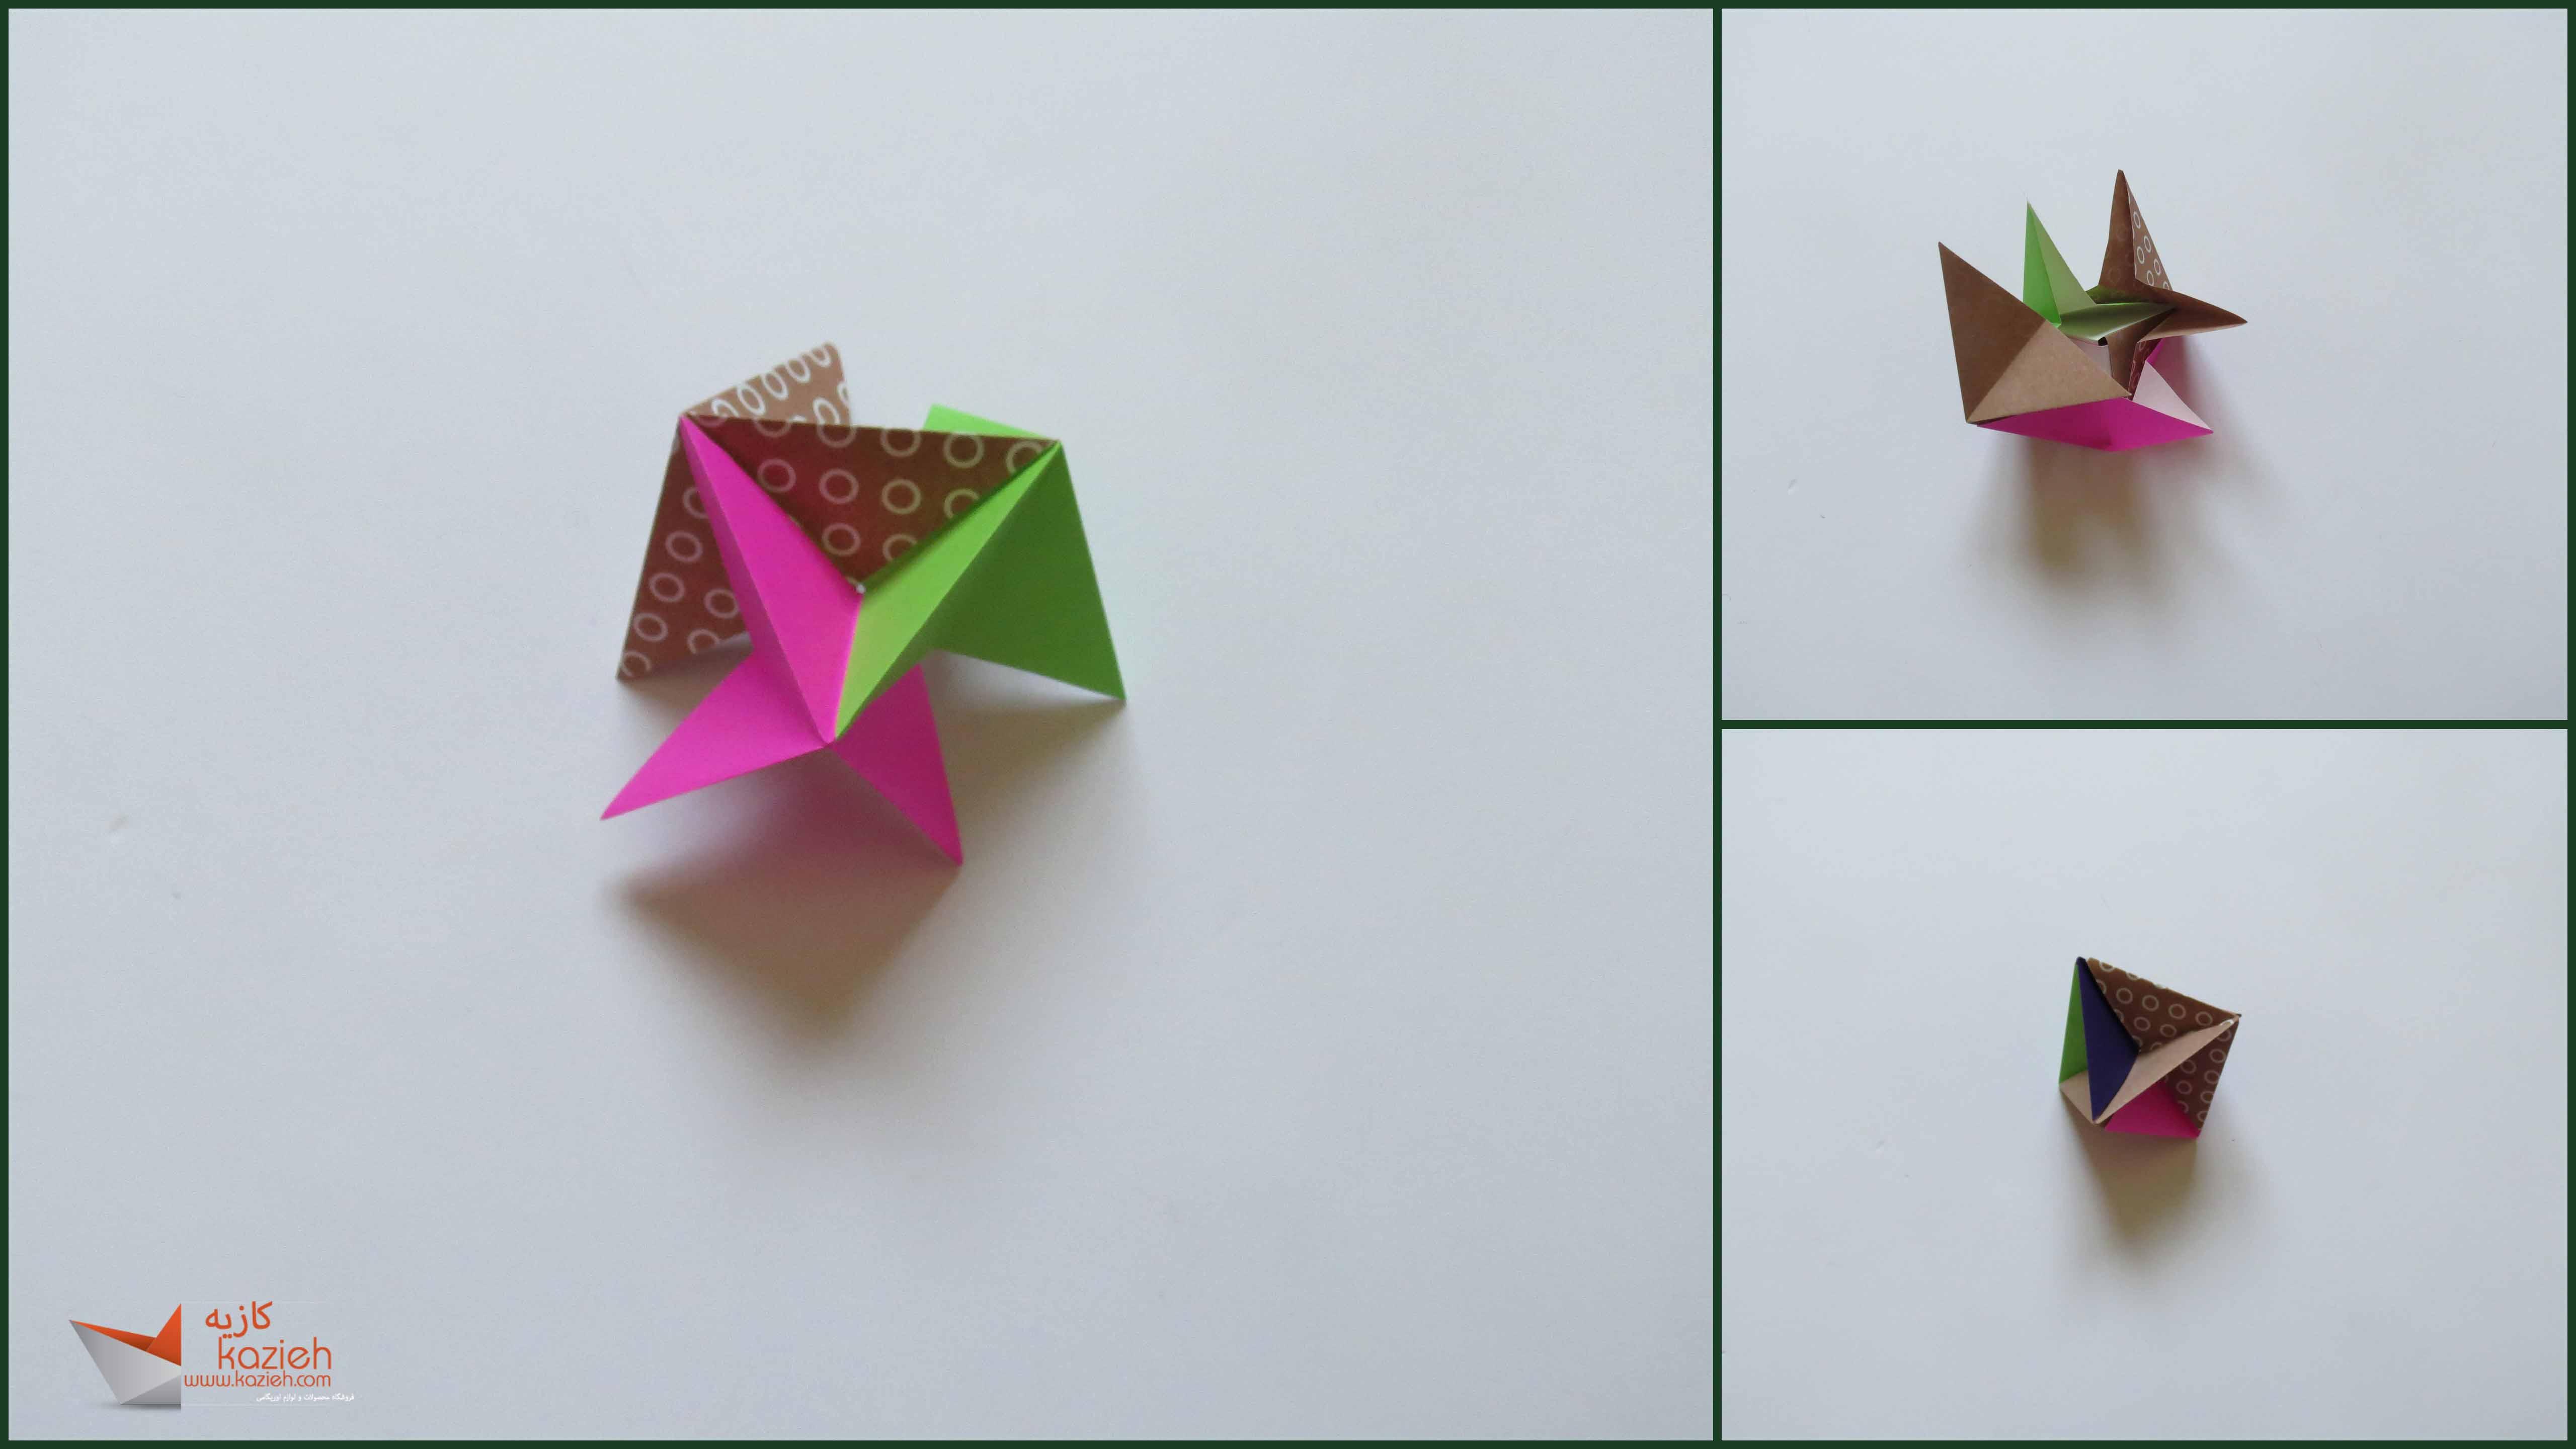 وصل کردن قطعات هست وجهی اوریگامی - کازیه